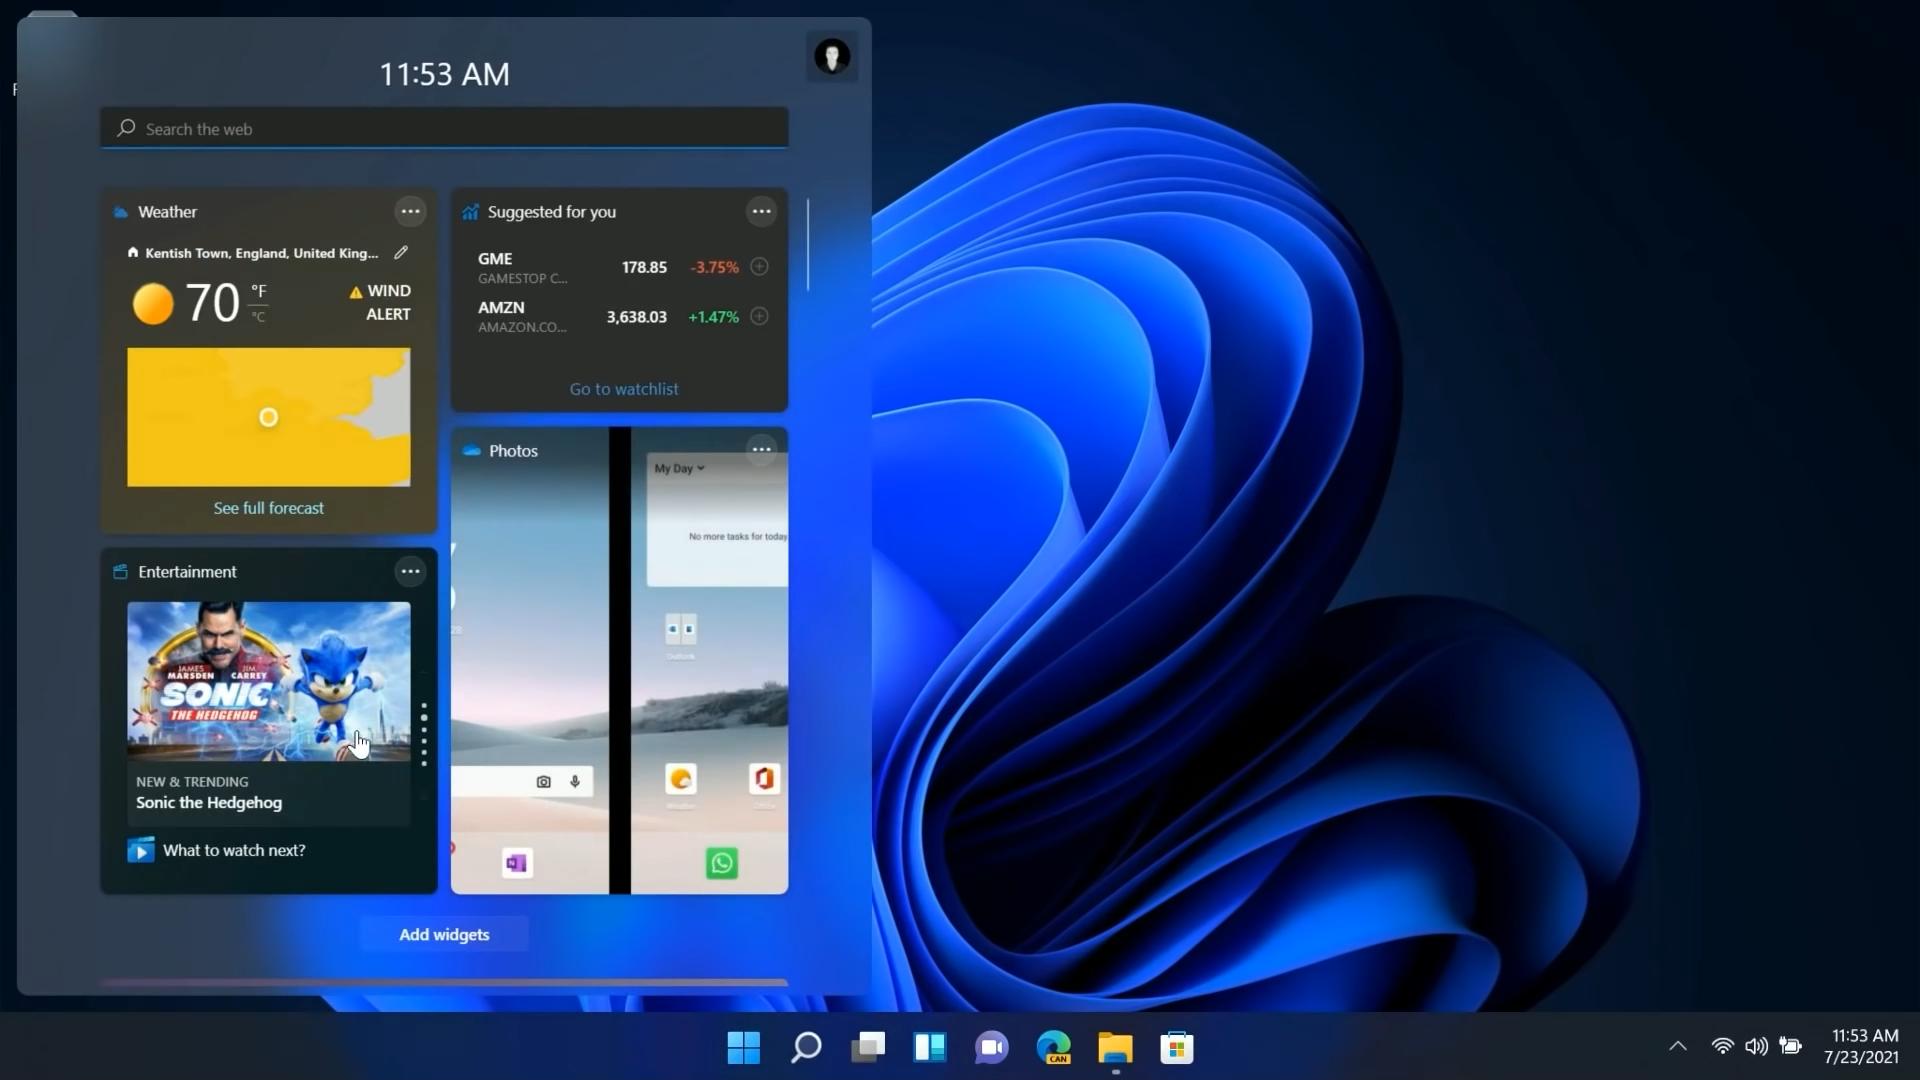 Windows 11 Widgets Source: Windows Central